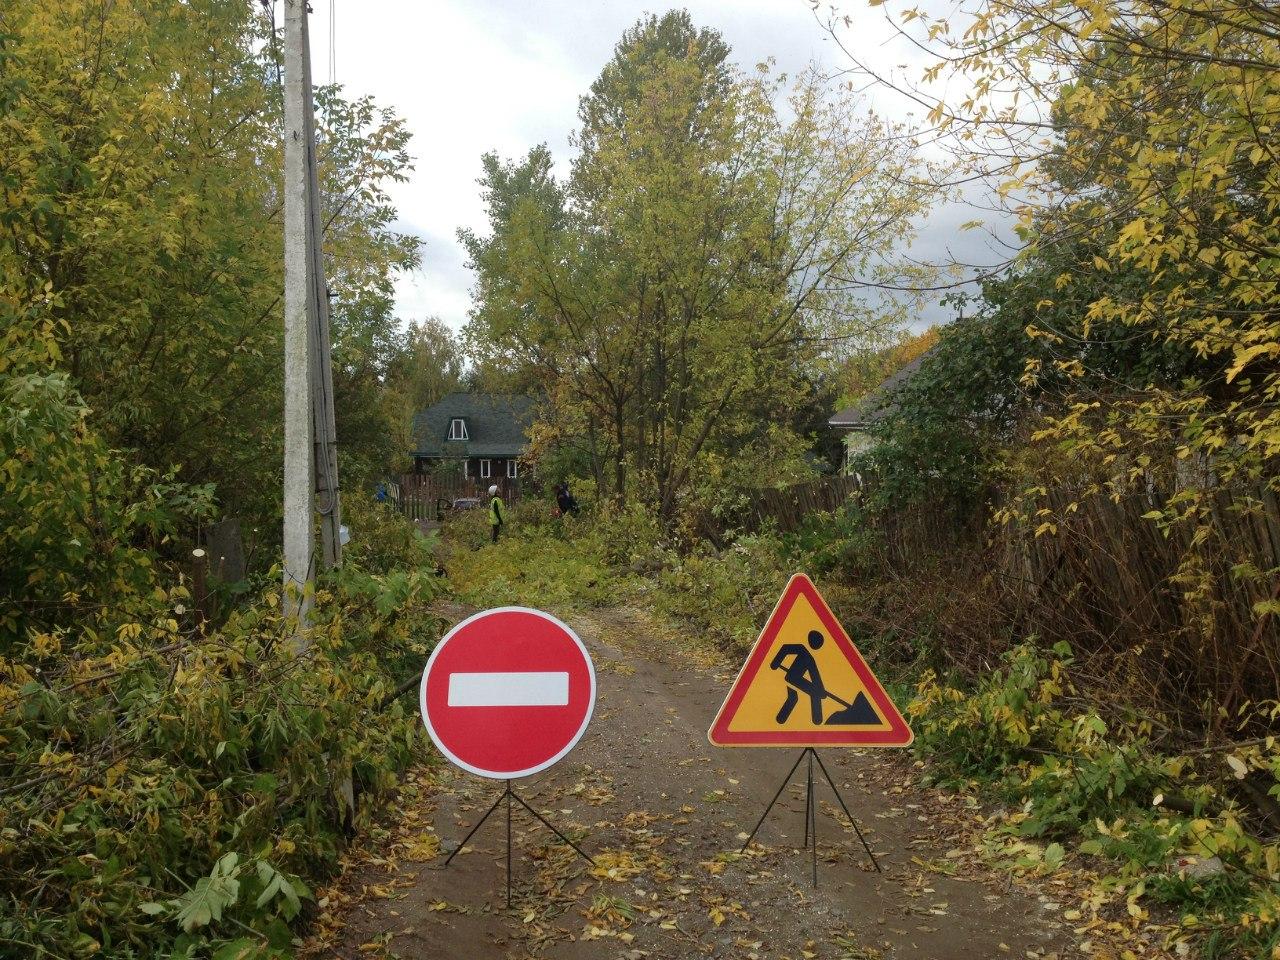 Проход запрещен: идет валка деревьев